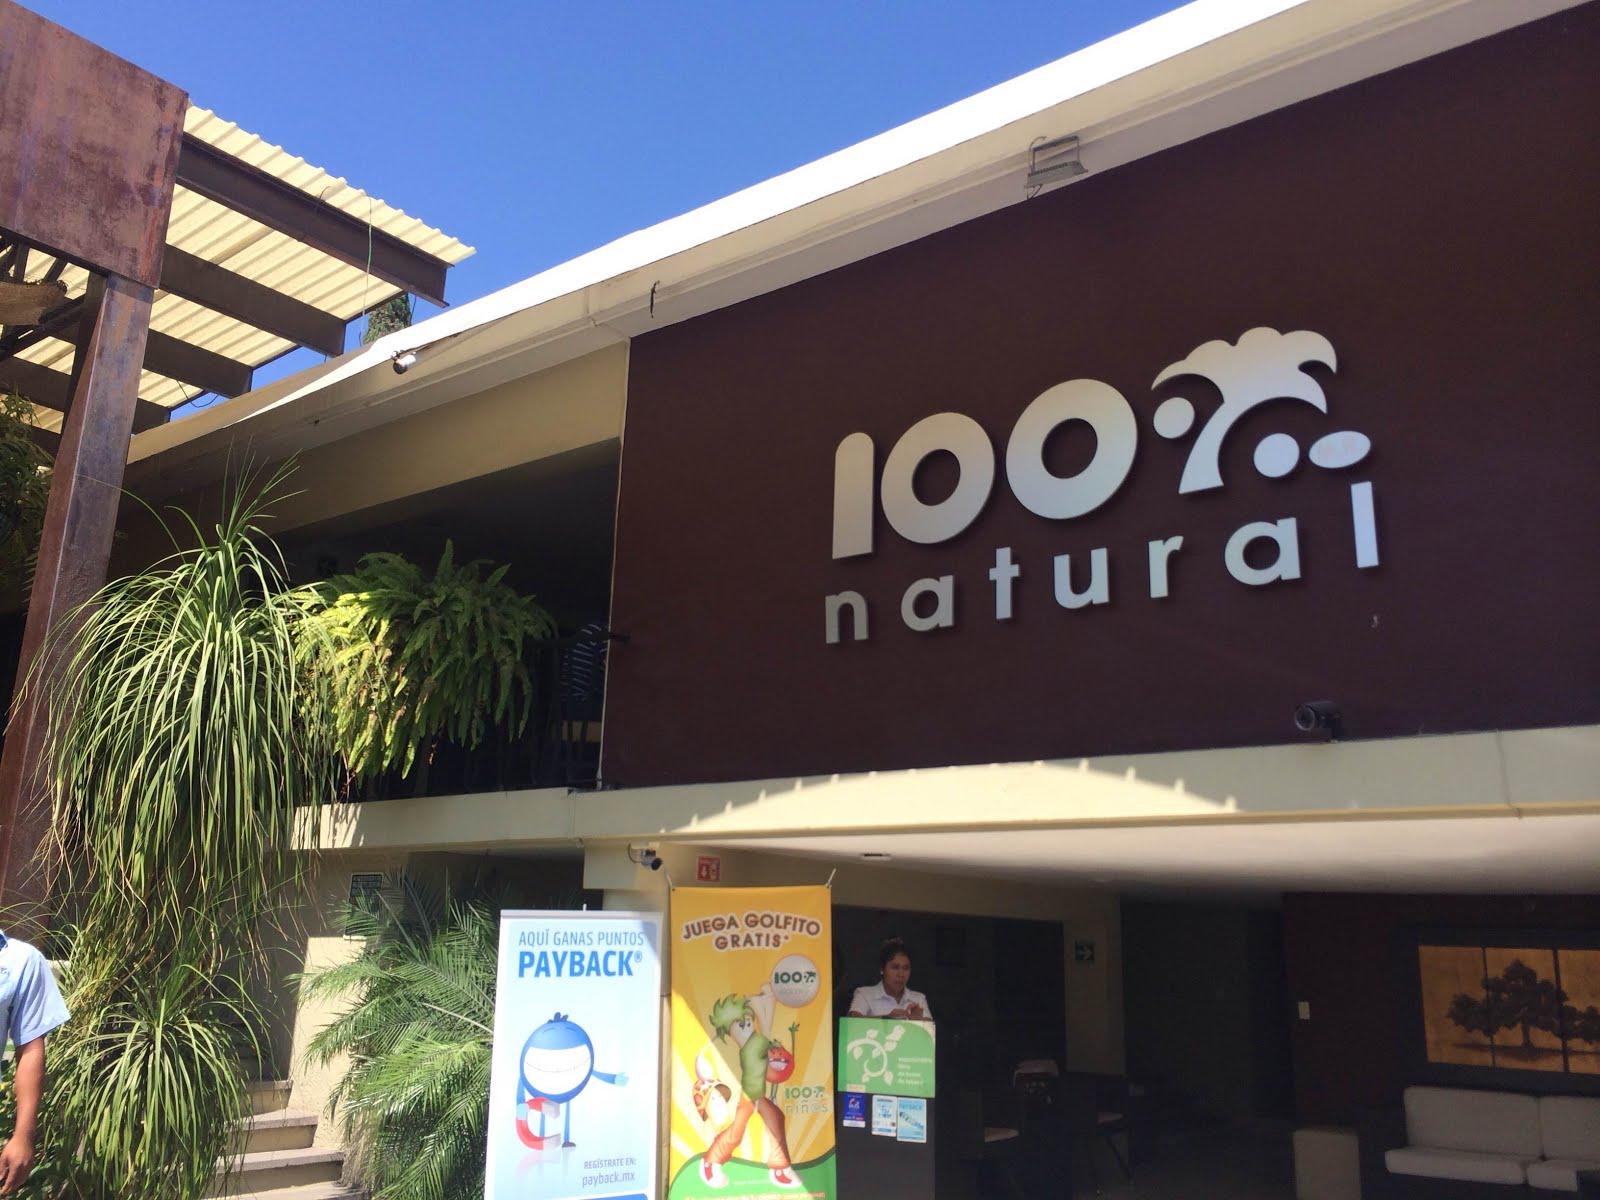 Restaurante 100% Natural en México (Cuernavaca)